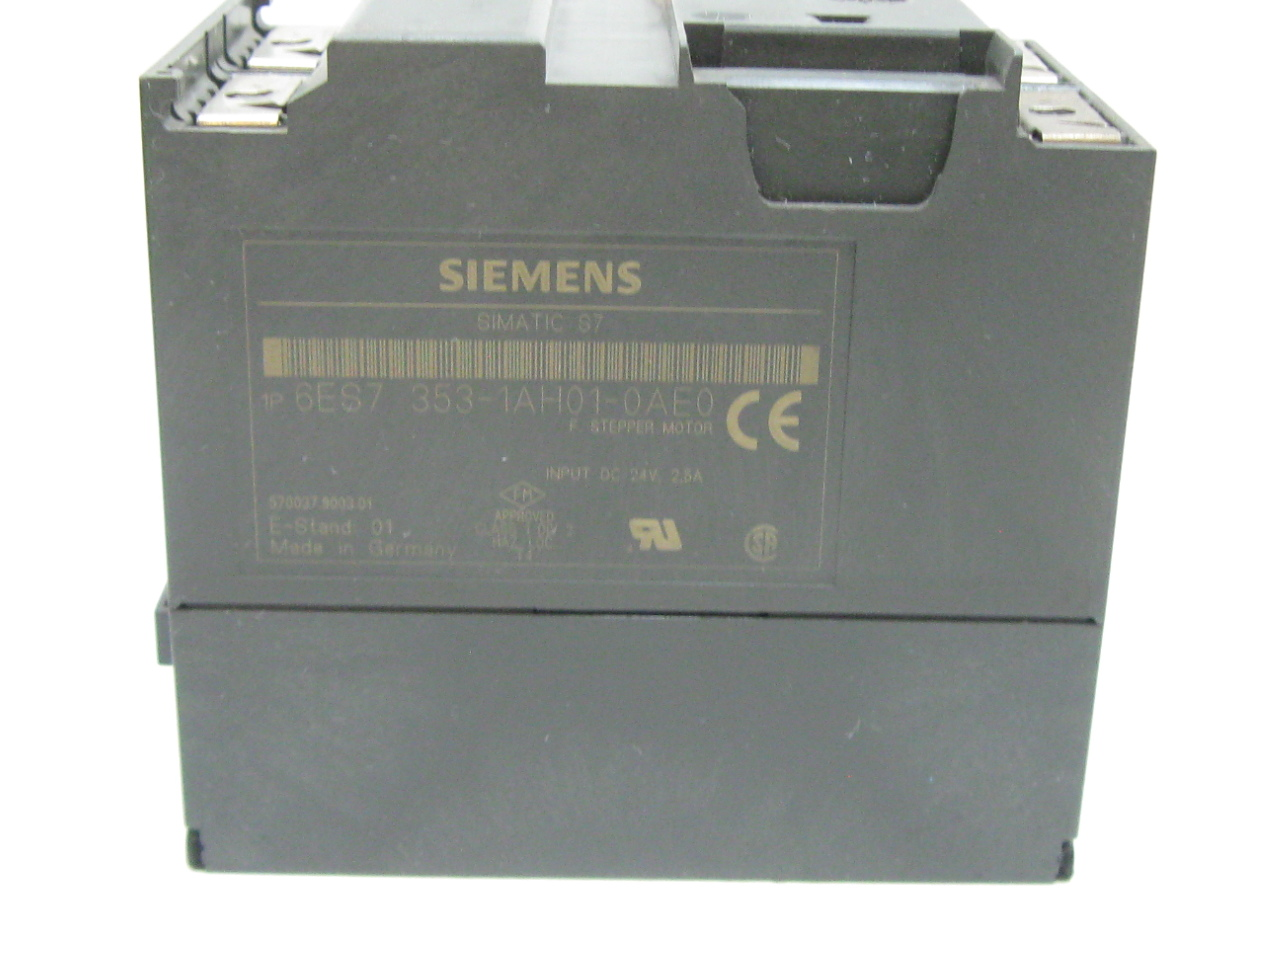 siemens simatic s7 6es7 353 1ah01 0ae0 stepper motor